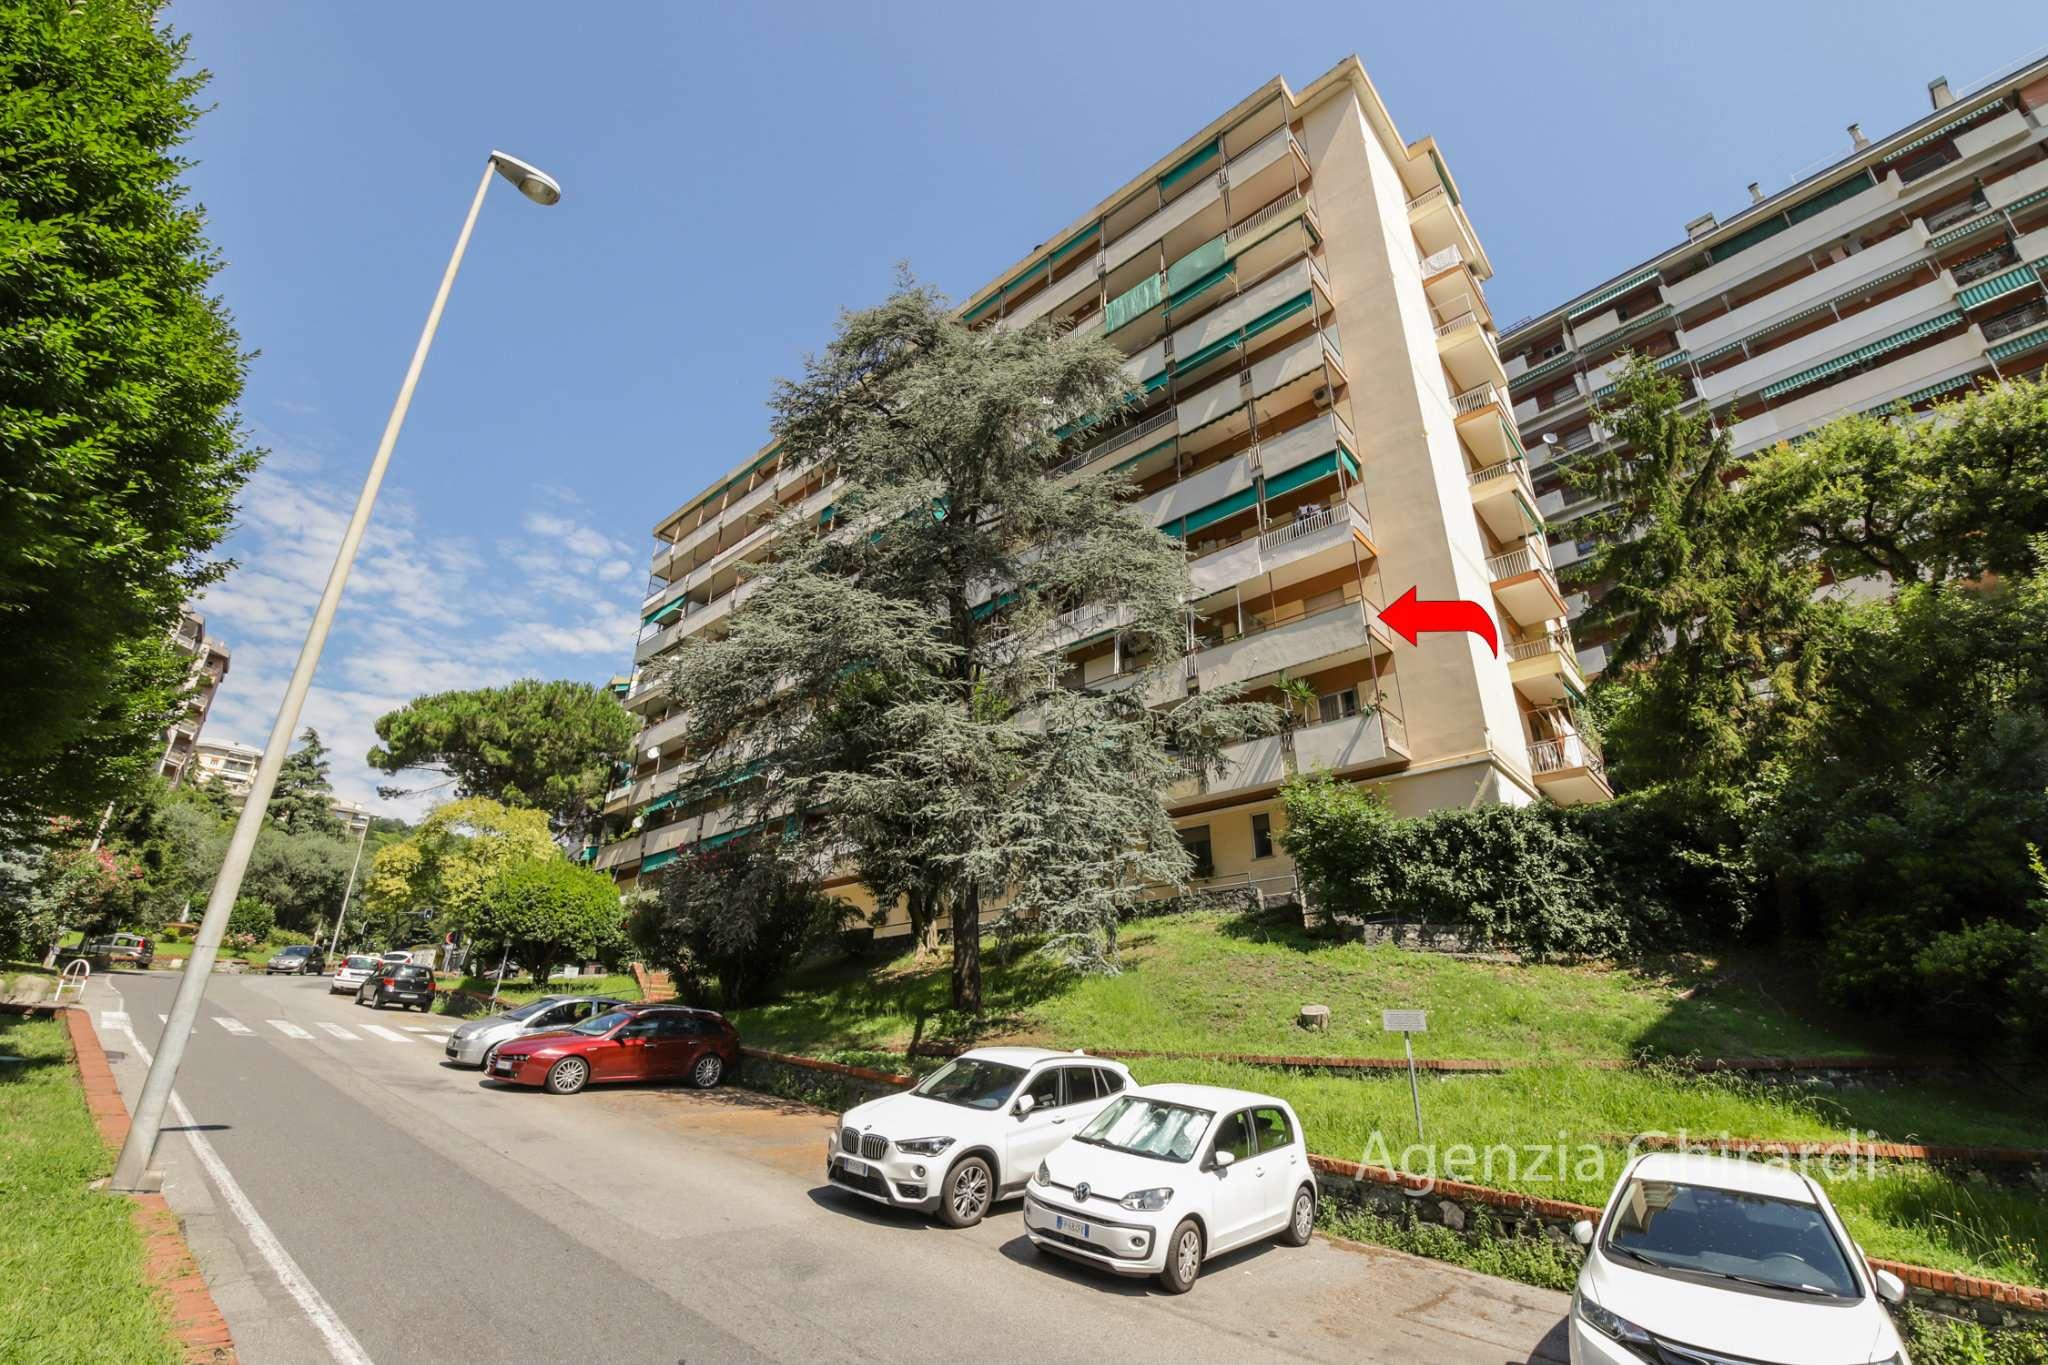 Foto 1 di Quadrilocale via Emilio Salgari 1, Genova (zona Pegli)